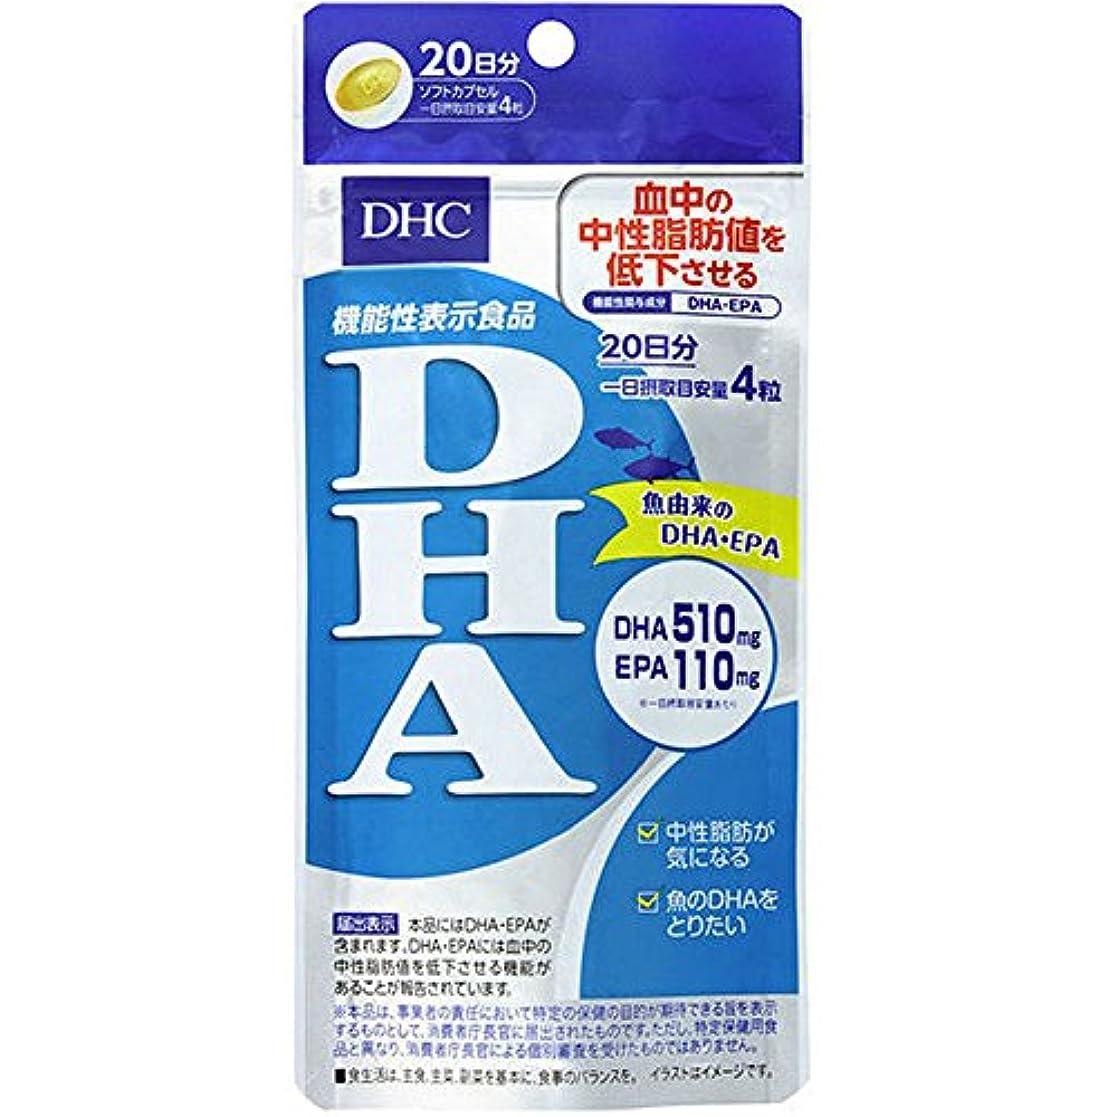 効能ウォルターカニンガム応用DHC DHA 20日分 80粒 【機能性表示食品】